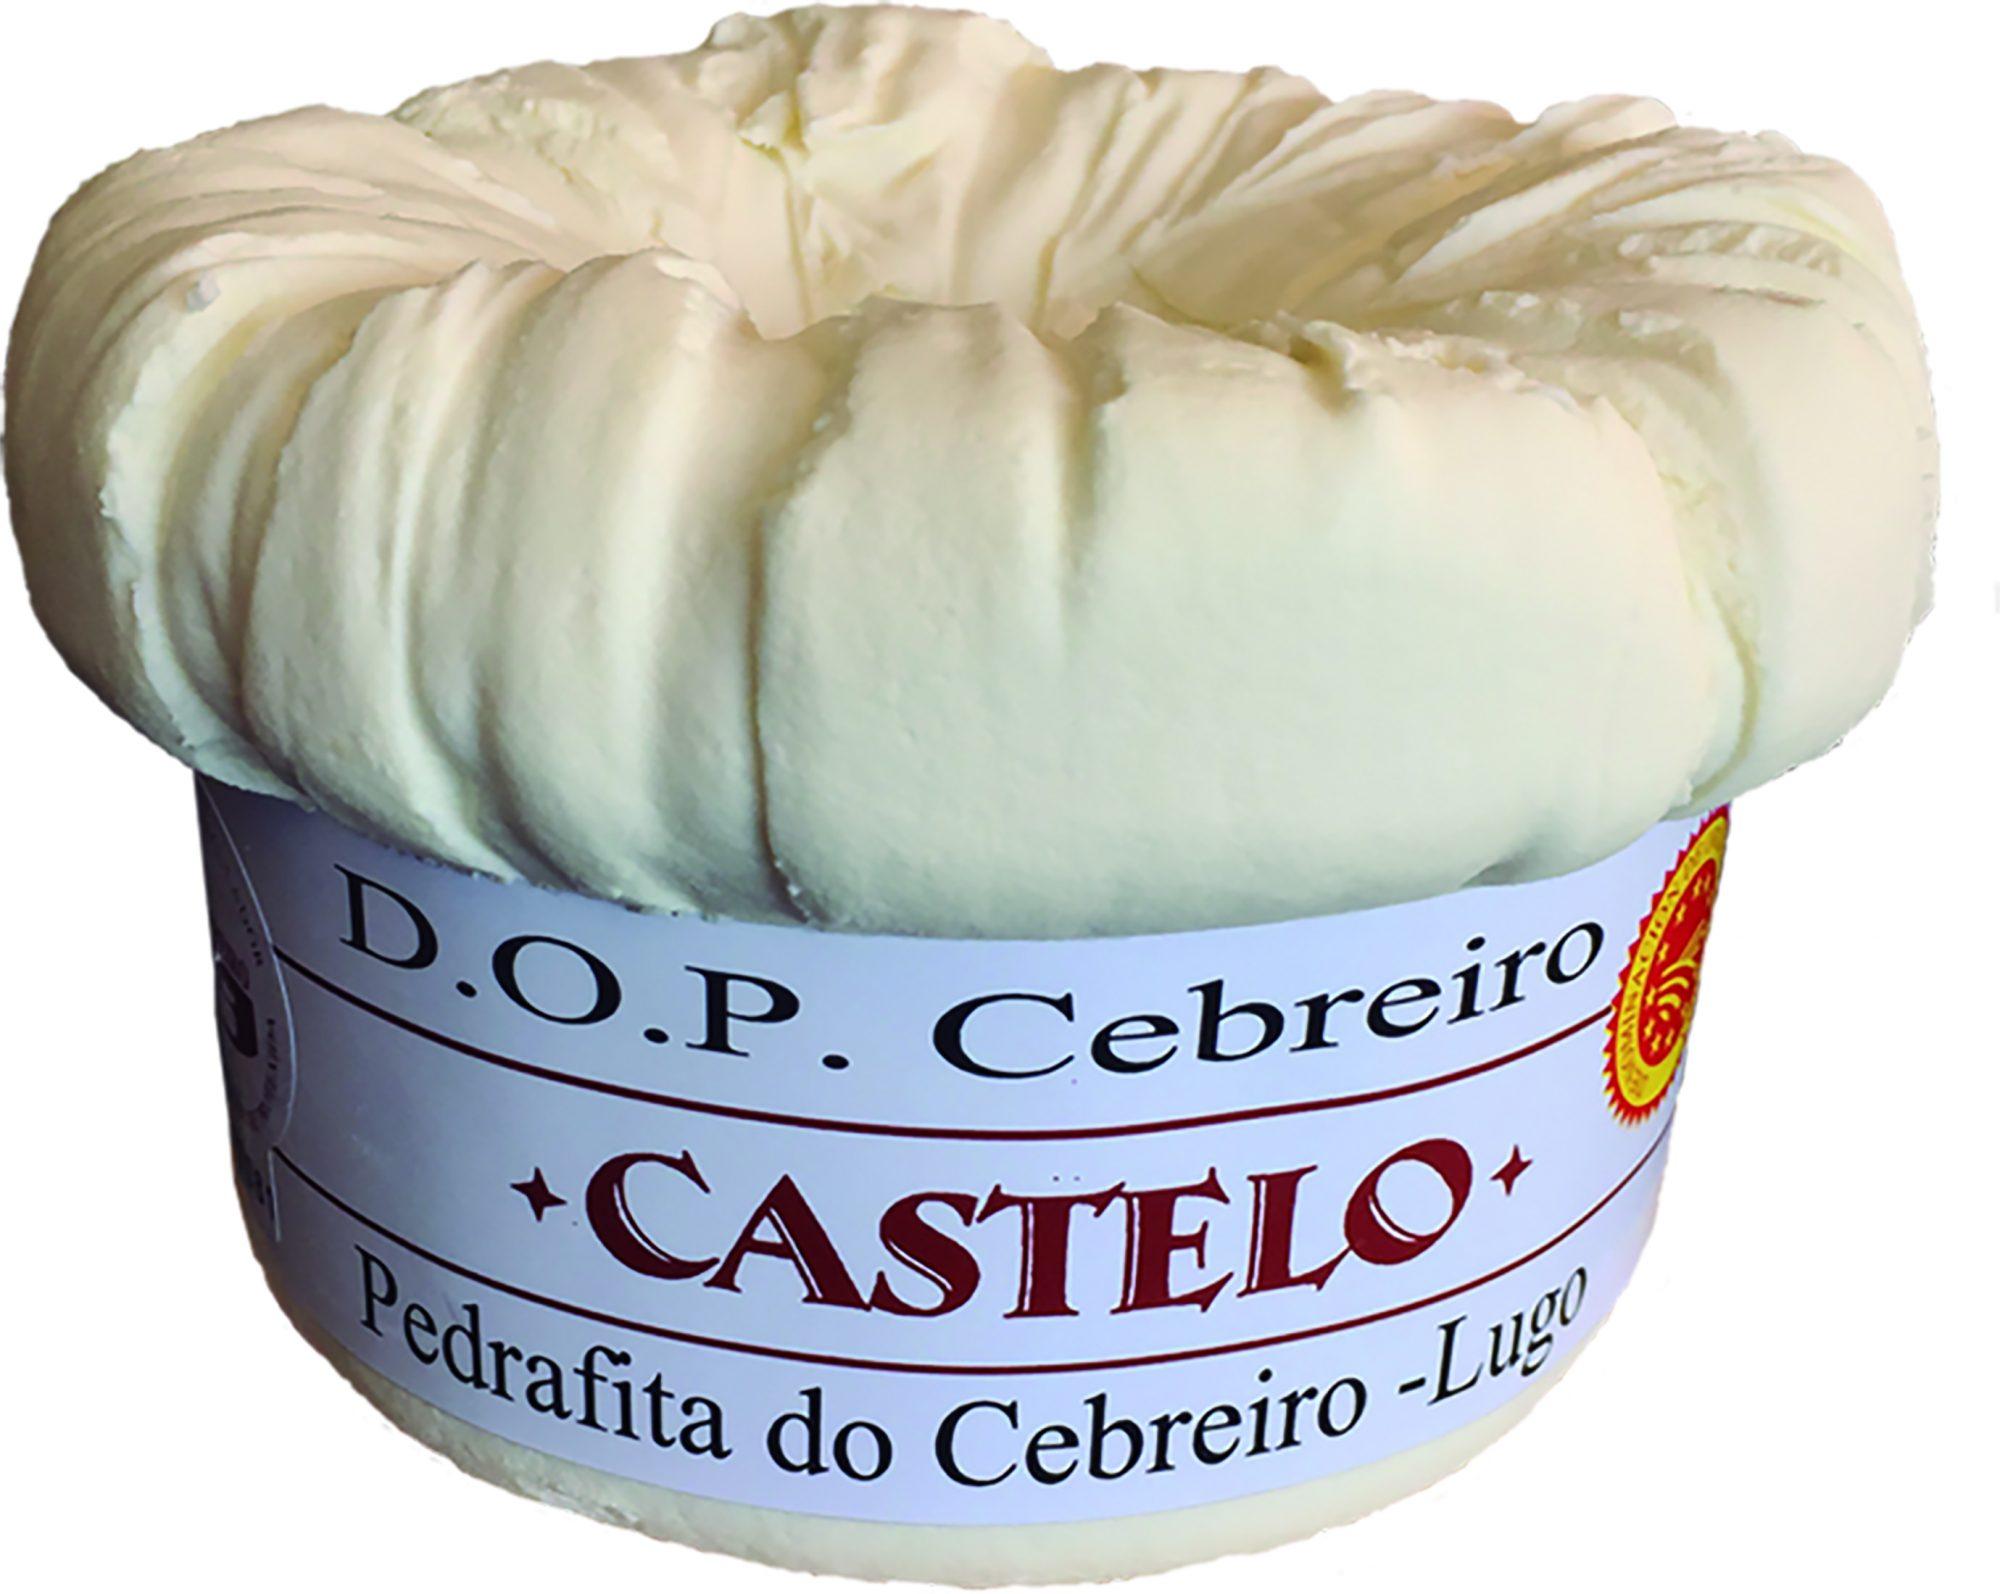 Queso elaborado en una miniquesería en la localidad lucense de Pedrafita do Cebreiro.